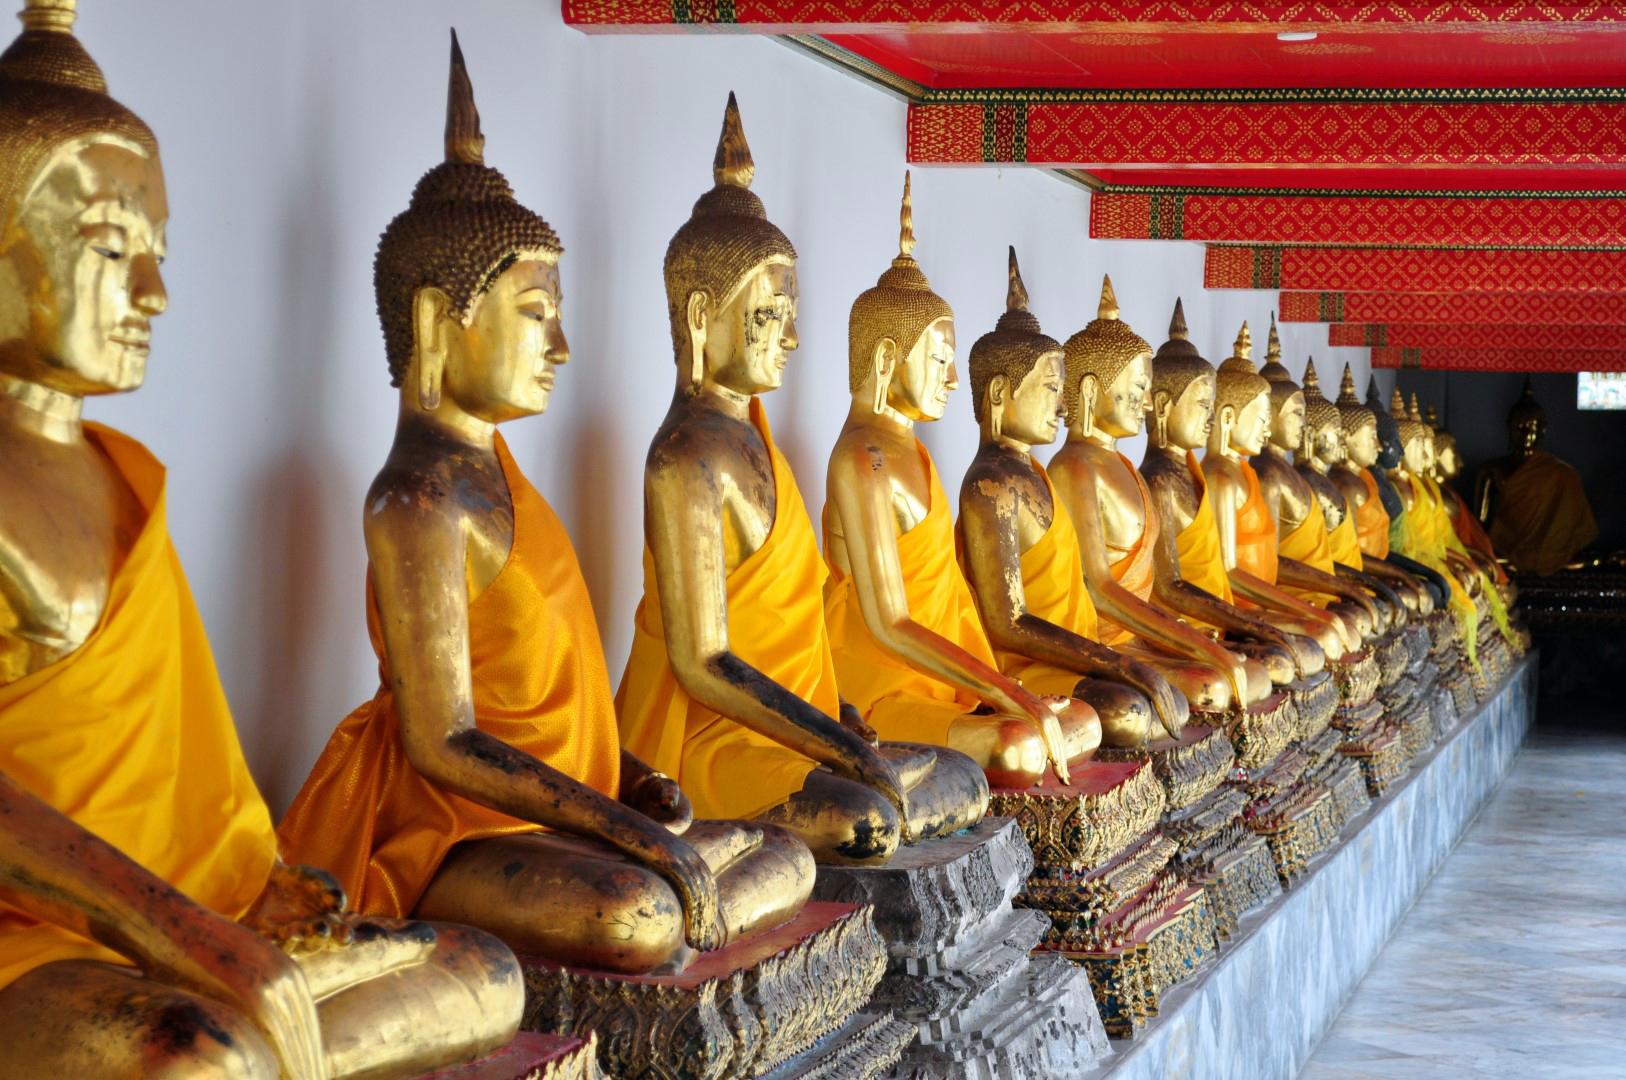 Qué hacer en Bangkok, qué ver en Bangkok, Tailandia qué hacer en bangkok - 40578970631 3d2a68229b o - Qué hacer en Bangkok para descubrir su estilo de vida